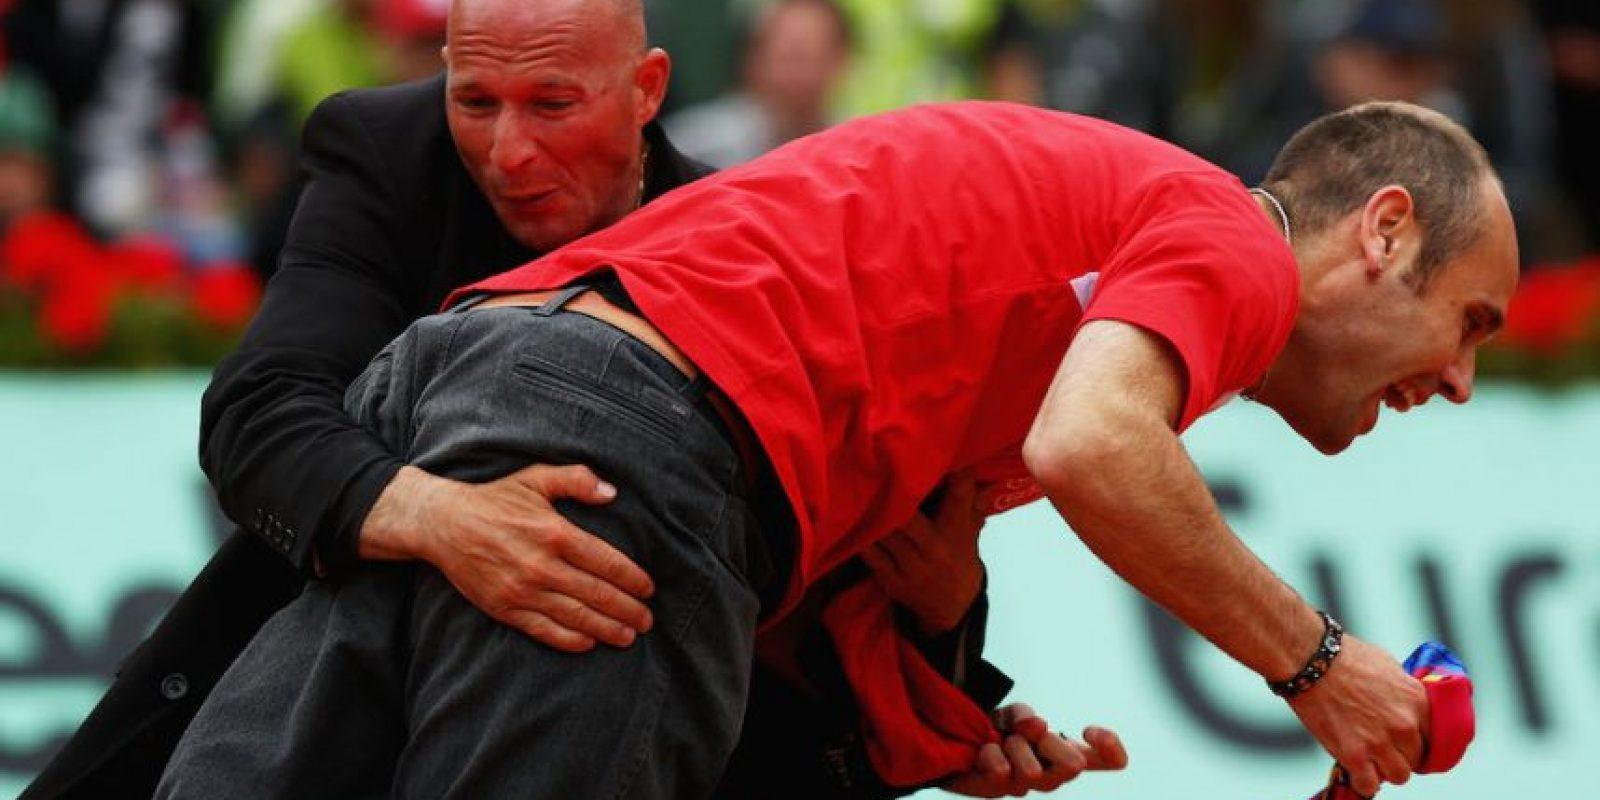 Segundos después fue detenido por la seguridad de torneo. Foto:Getty Images